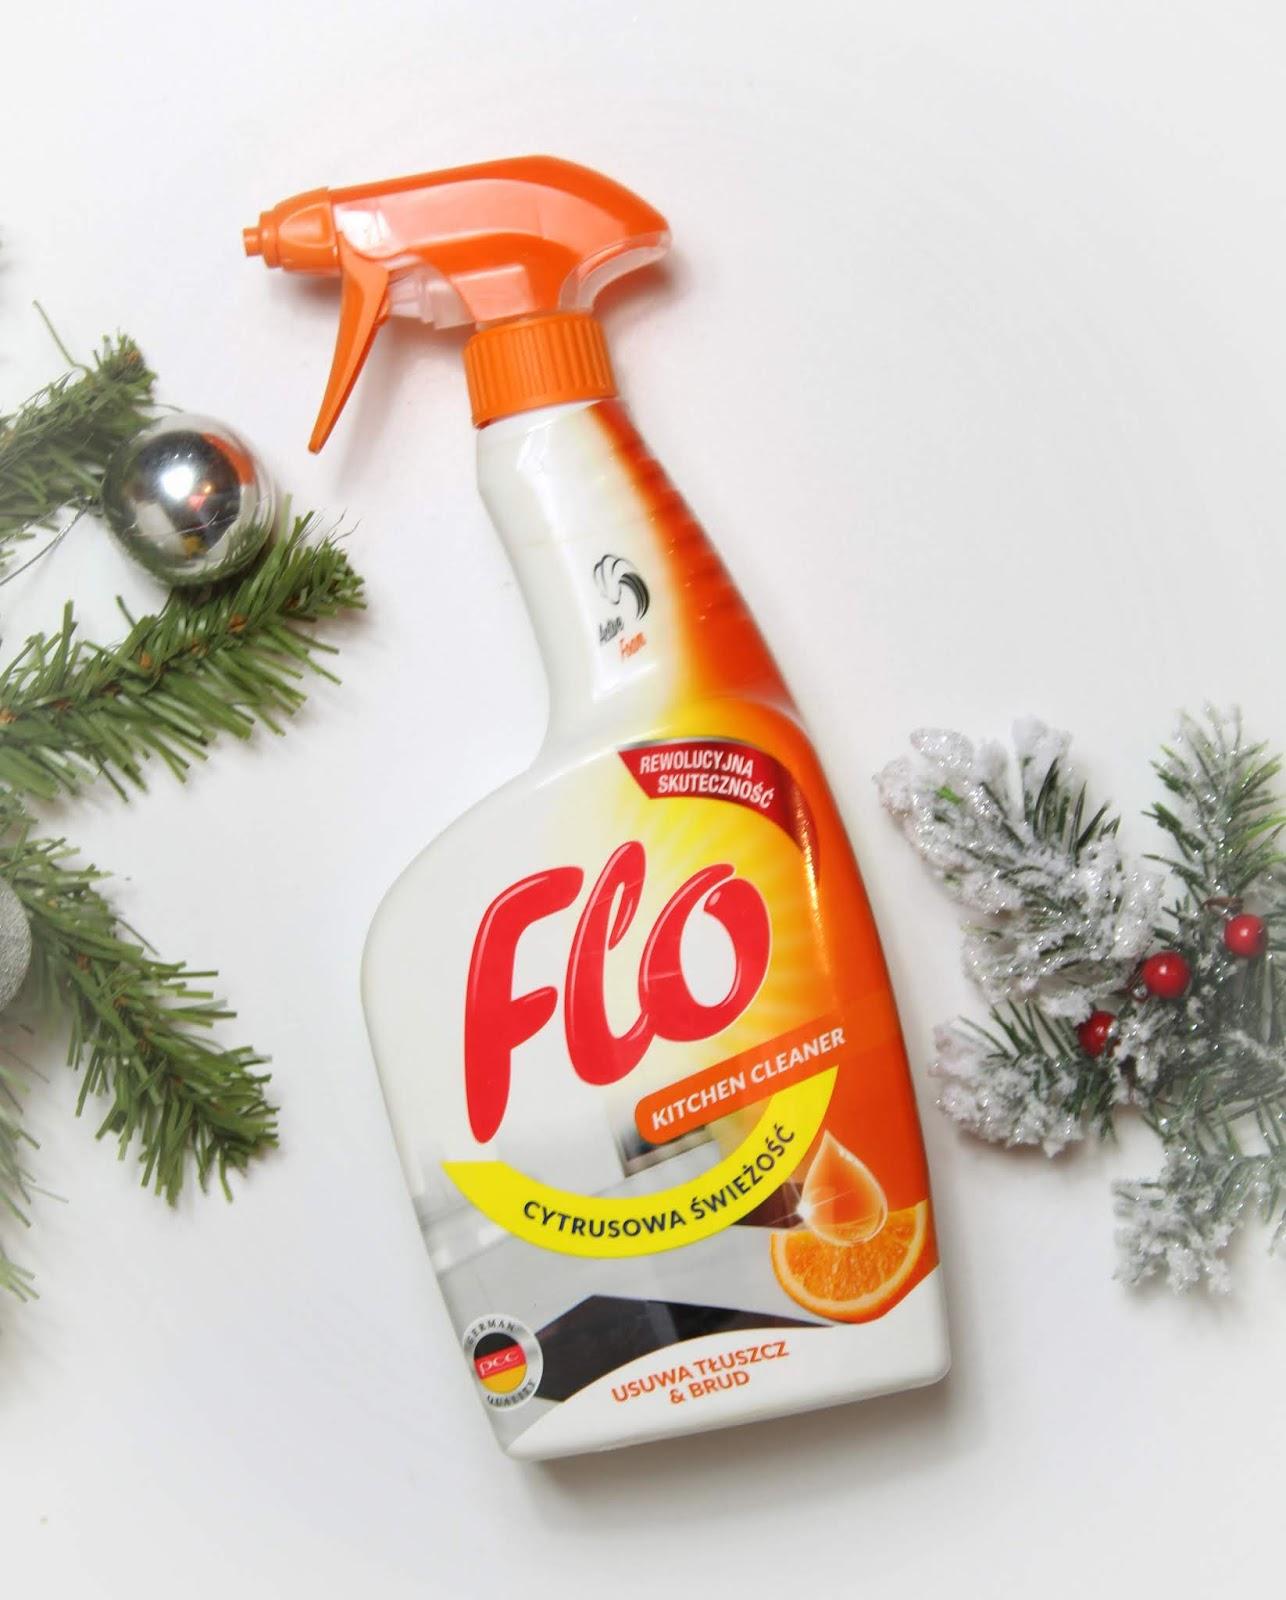 FLO Kitchen Cleaner